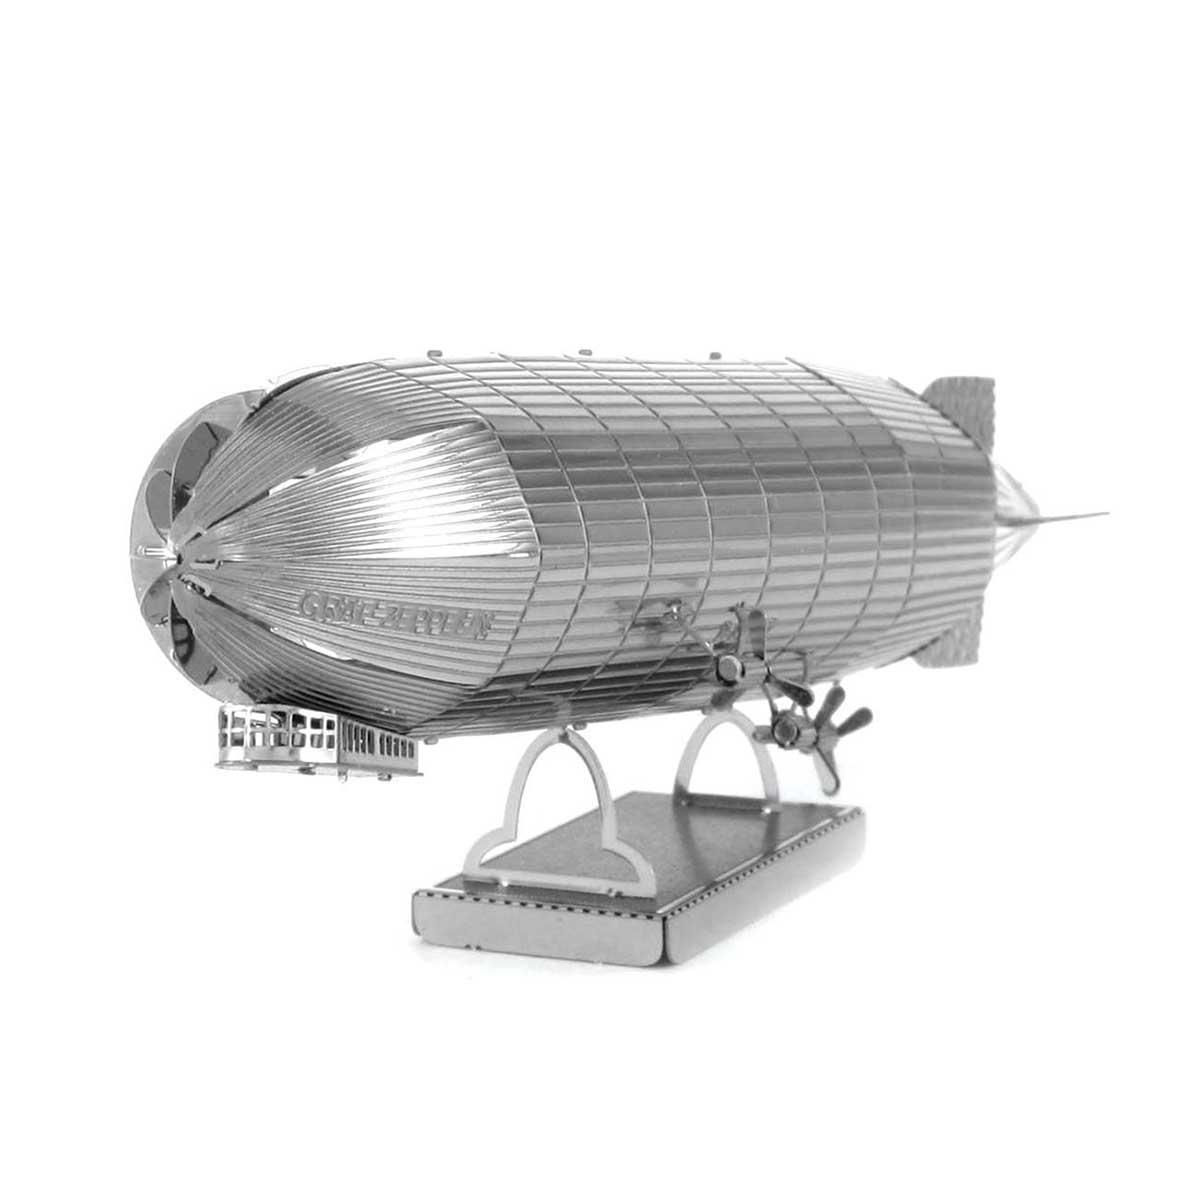 Graf Zeppelin Planes 3D Puzzle